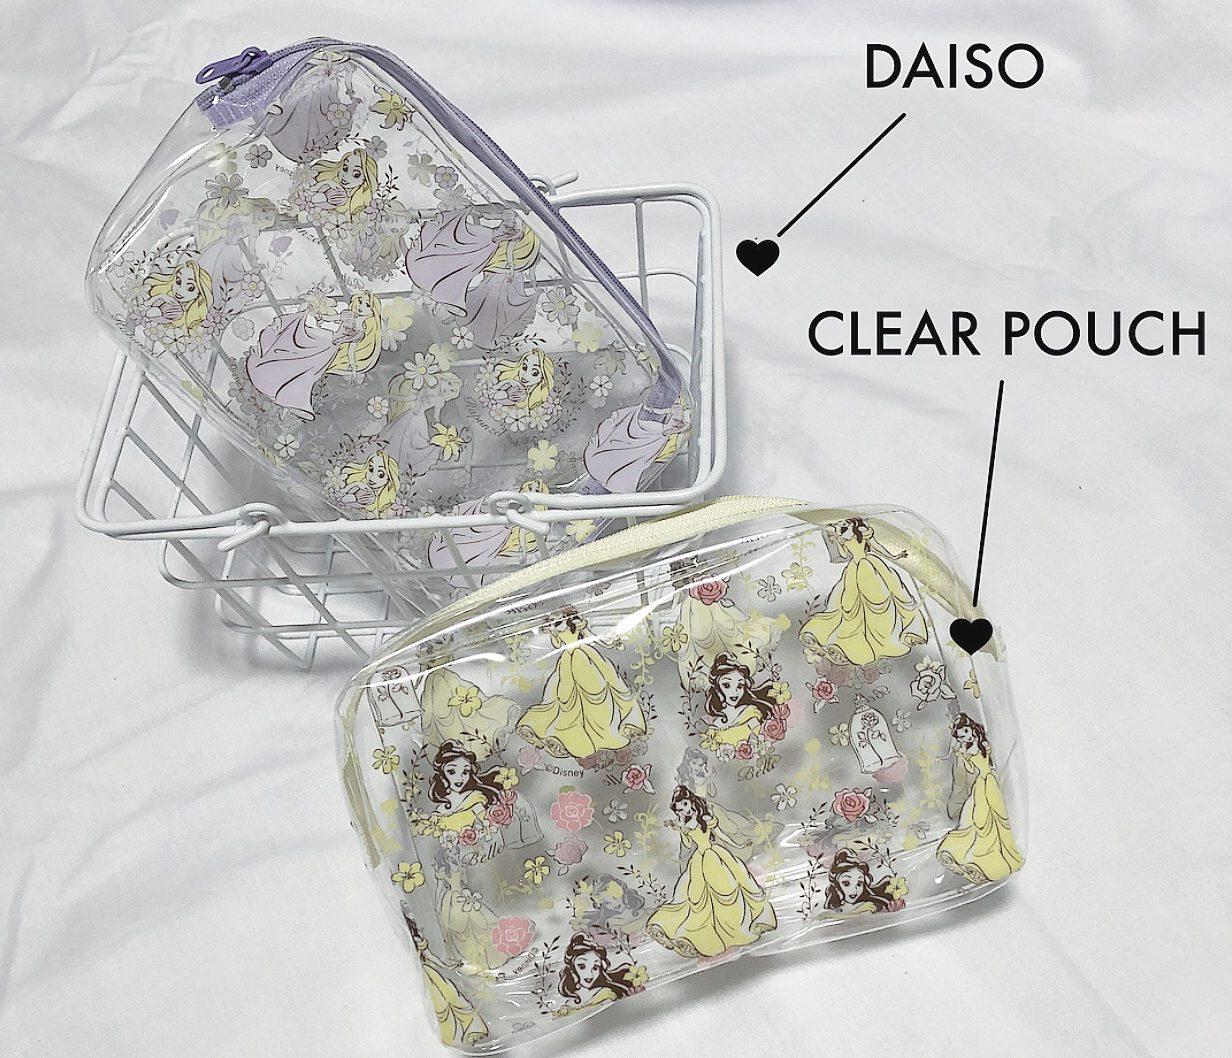 ディズニーシリーズ!DAISOの新商品が可愛すぎる?!♡👀